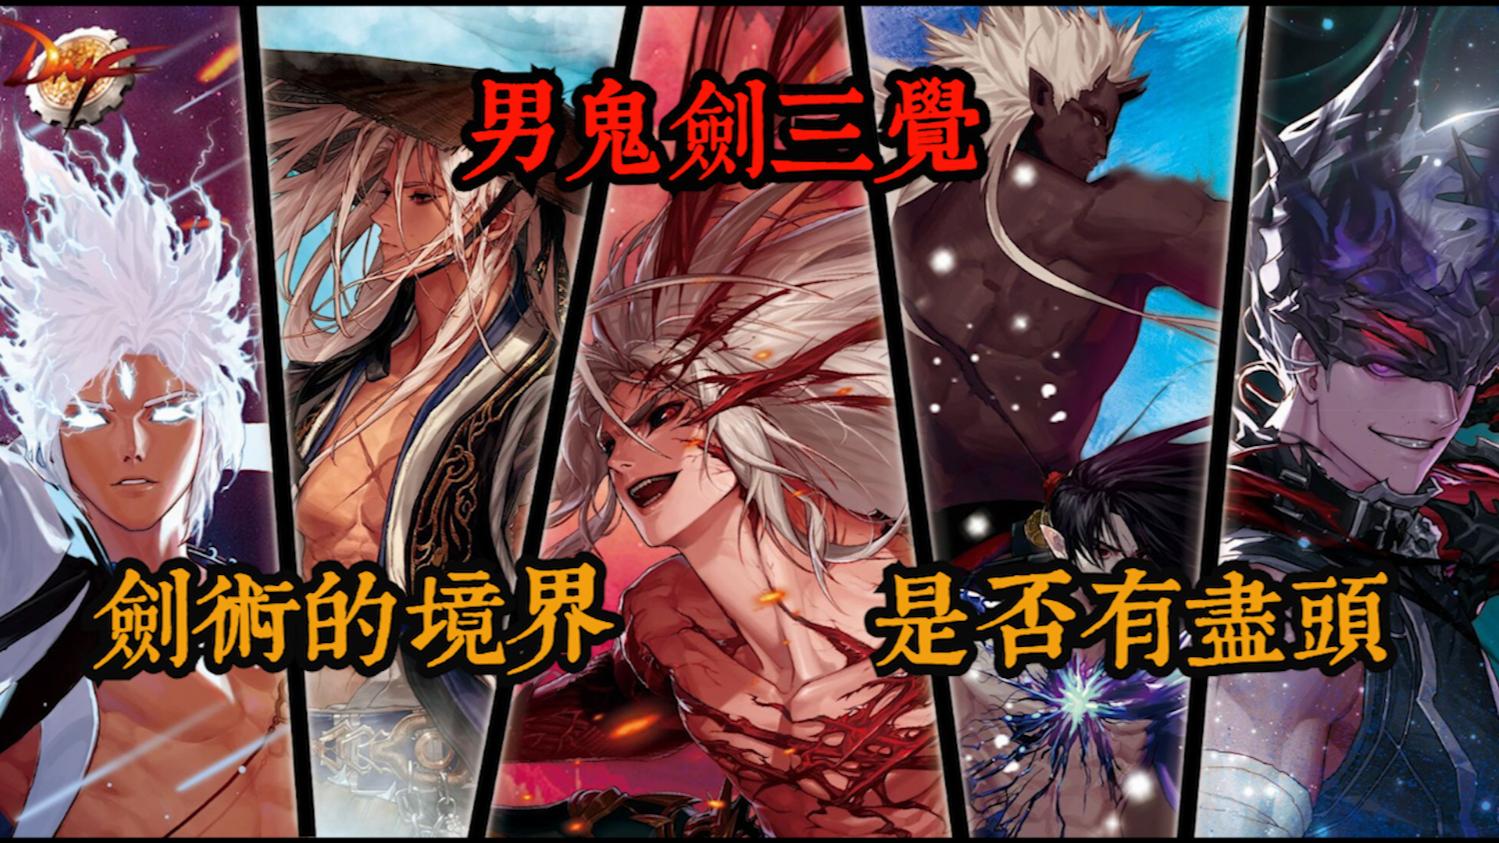 【DNF】100级男鬼剑三觉 剑术的境界 是否有尽头1080超高清!!!60FPS补帧!